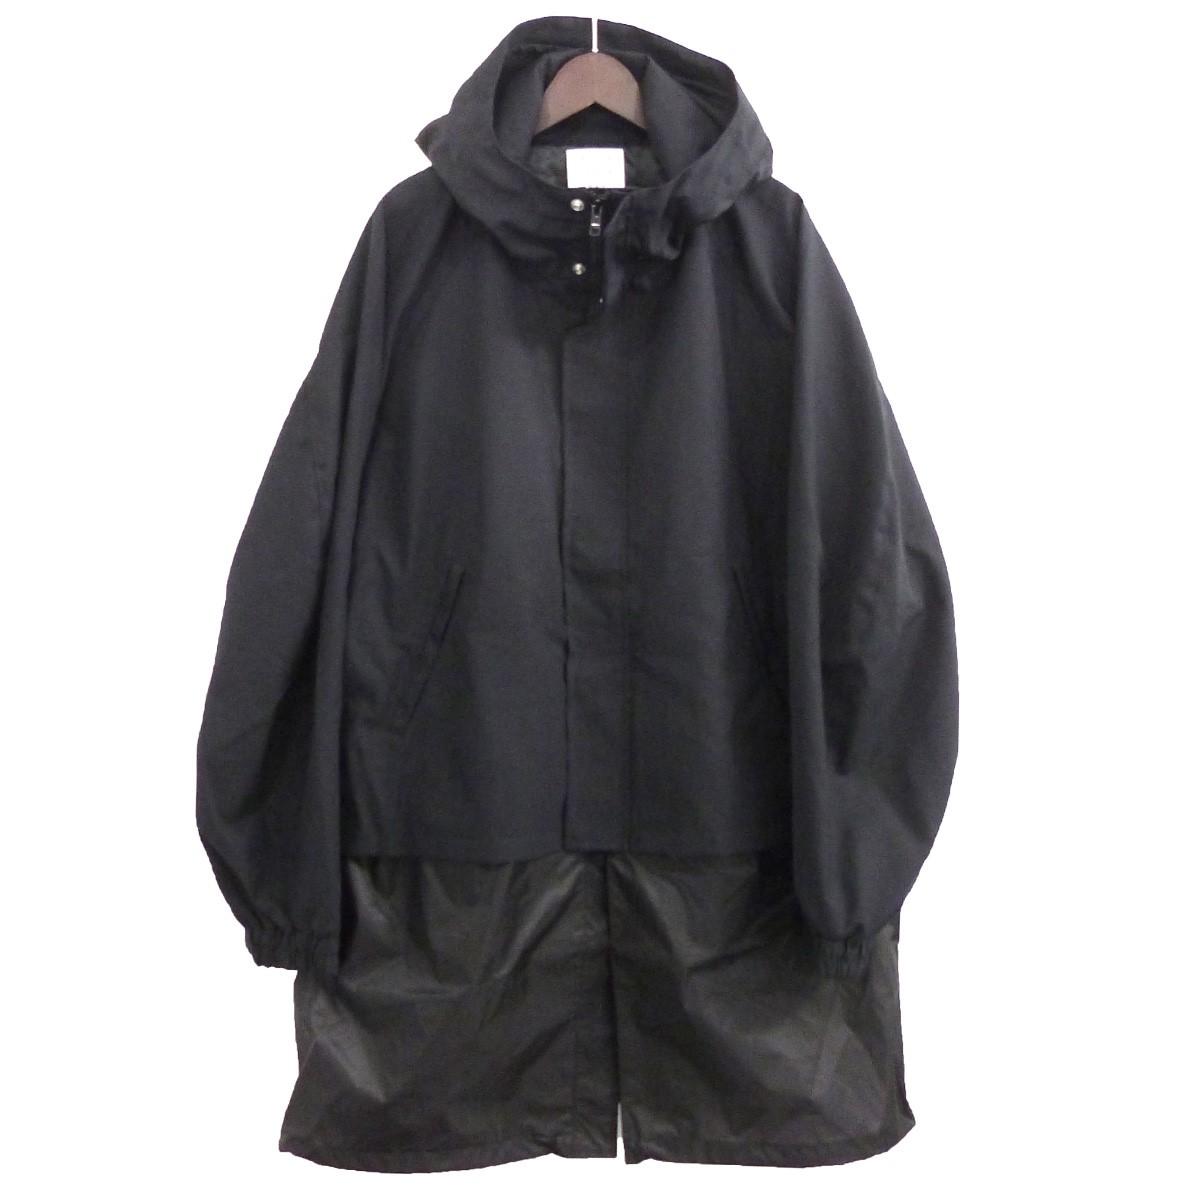 【中古】MR.GENTLEMAN 「LAYERED BLOUSON COAT」レイヤードブルゾンコート ブラック サイズ:L 【120520】(ミスタージェントルマン)